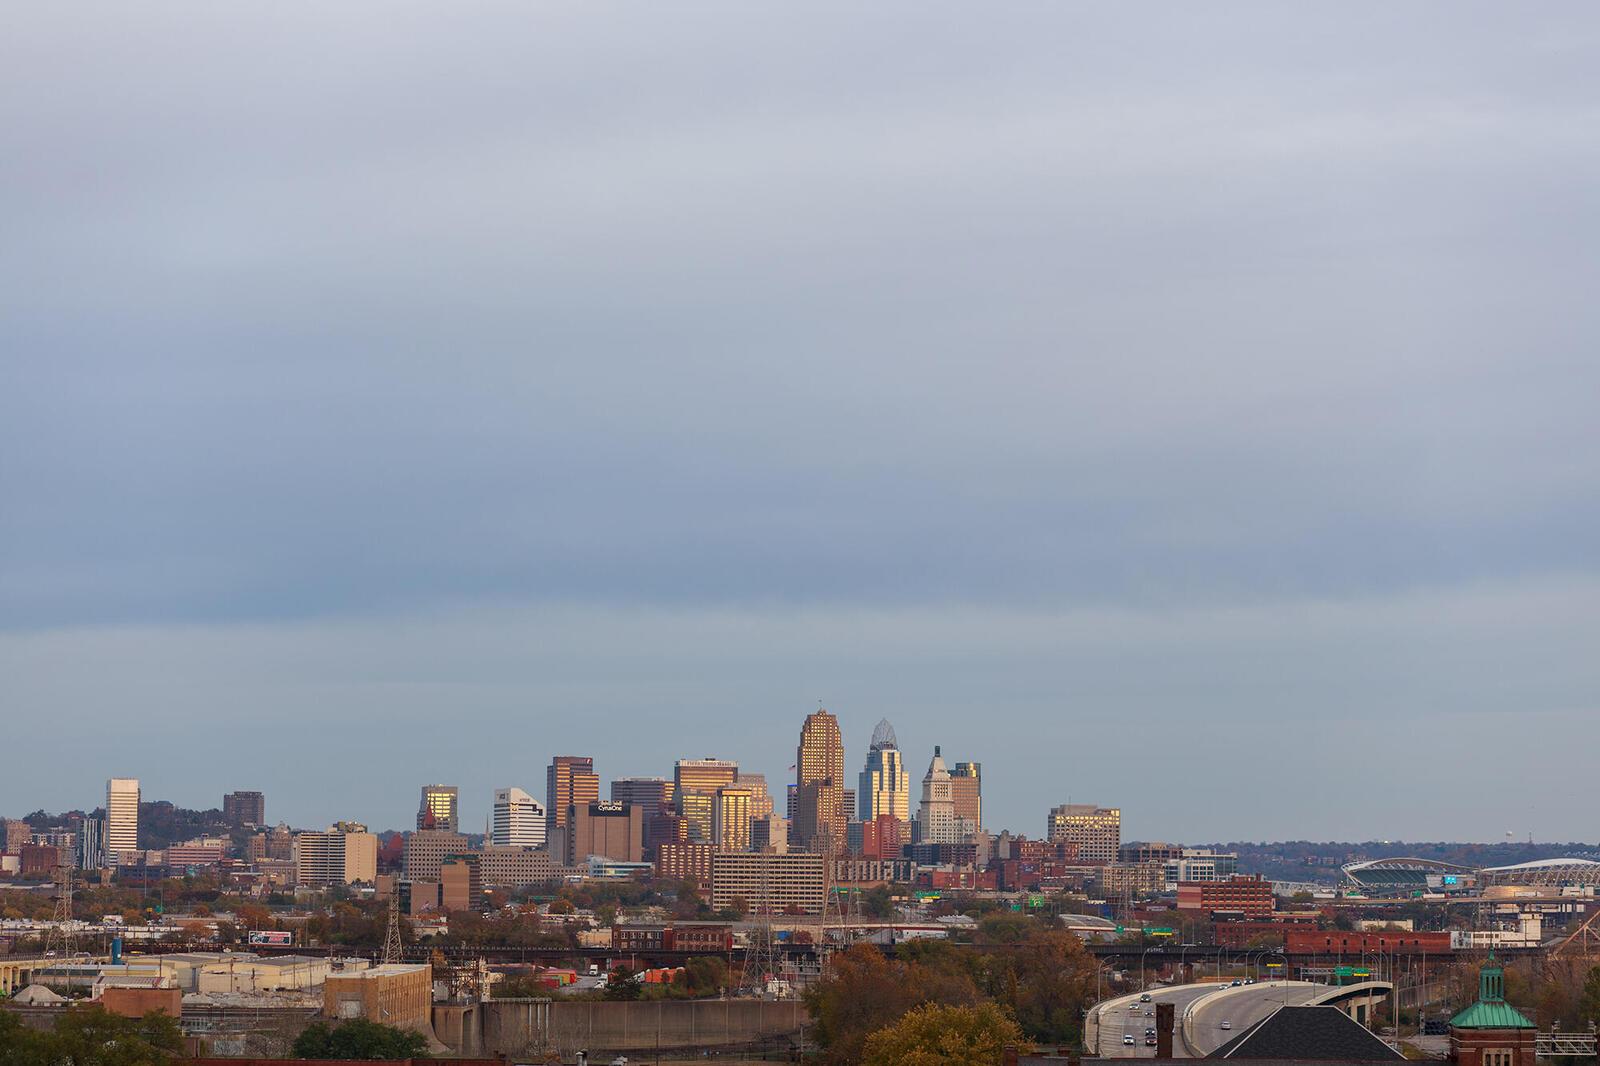 Skyline of the city of Cincinnati against a cloudy sky.